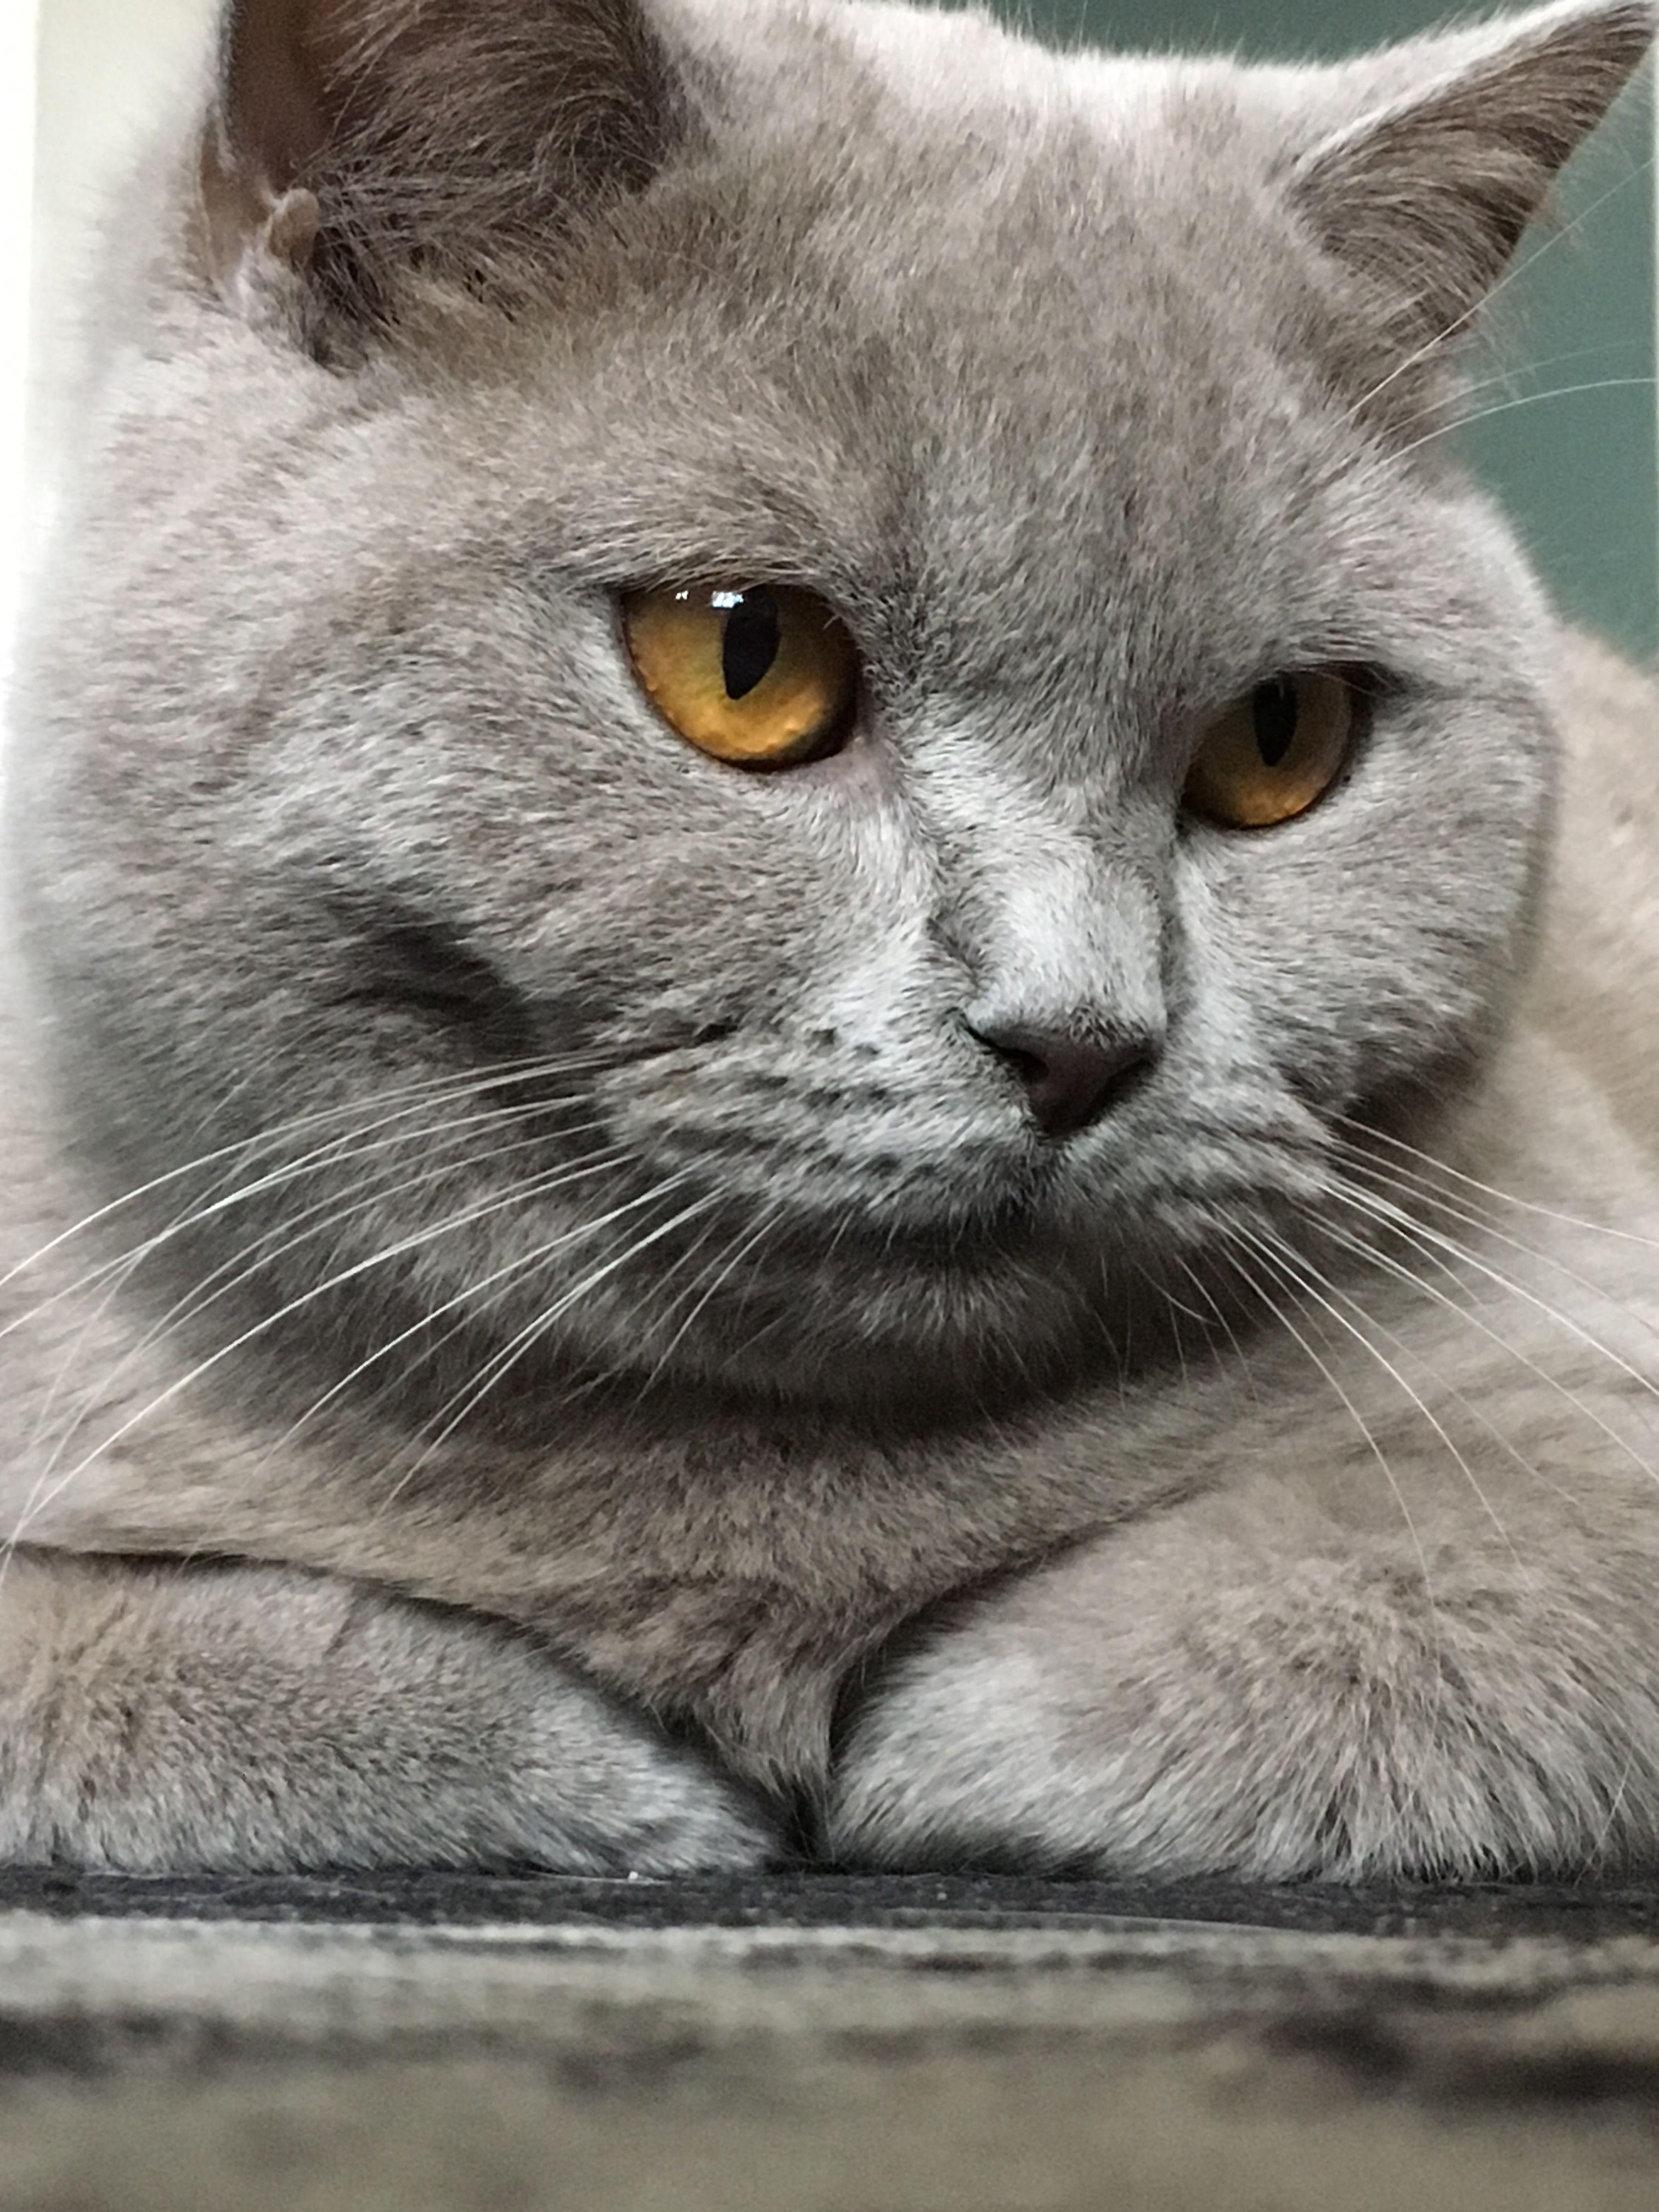 Gray Kitten 2monthsold Small Cute Fluffy Tuxedo Tabby Feline Cat Girl Frisk Feisty Beautiful Eyes Blue Green White Lo Grey Kitten Feline Paw